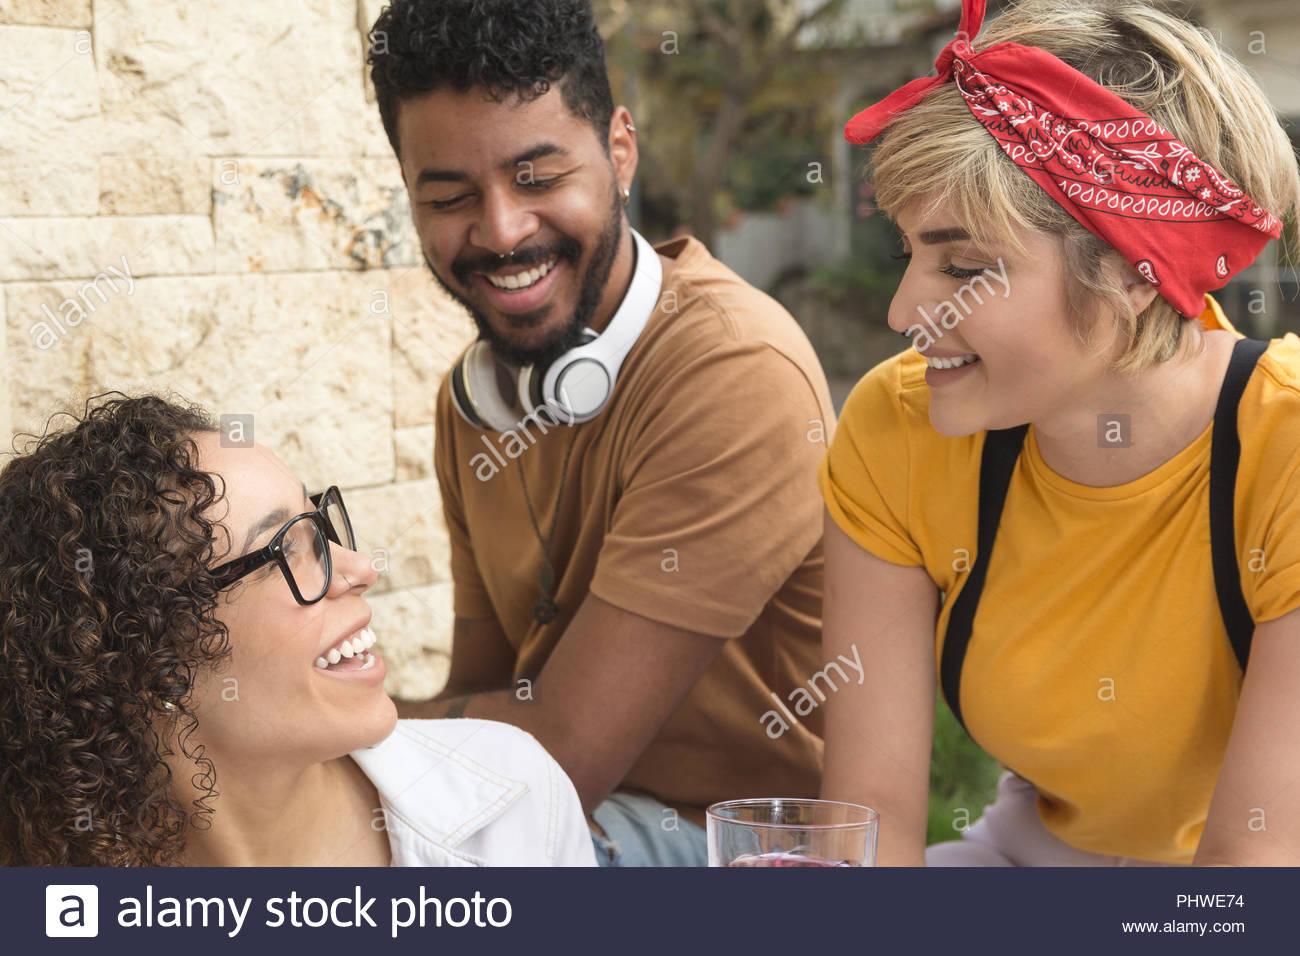 Fröhlicher junger Freunde lächelnd und sitzen im Restaurant außerhalb. Gruppe von Menschen, die gemeinsam Spaß haben im Cafe Bar im Freien. Frühling, warm, Zweisamkeit Stockbild